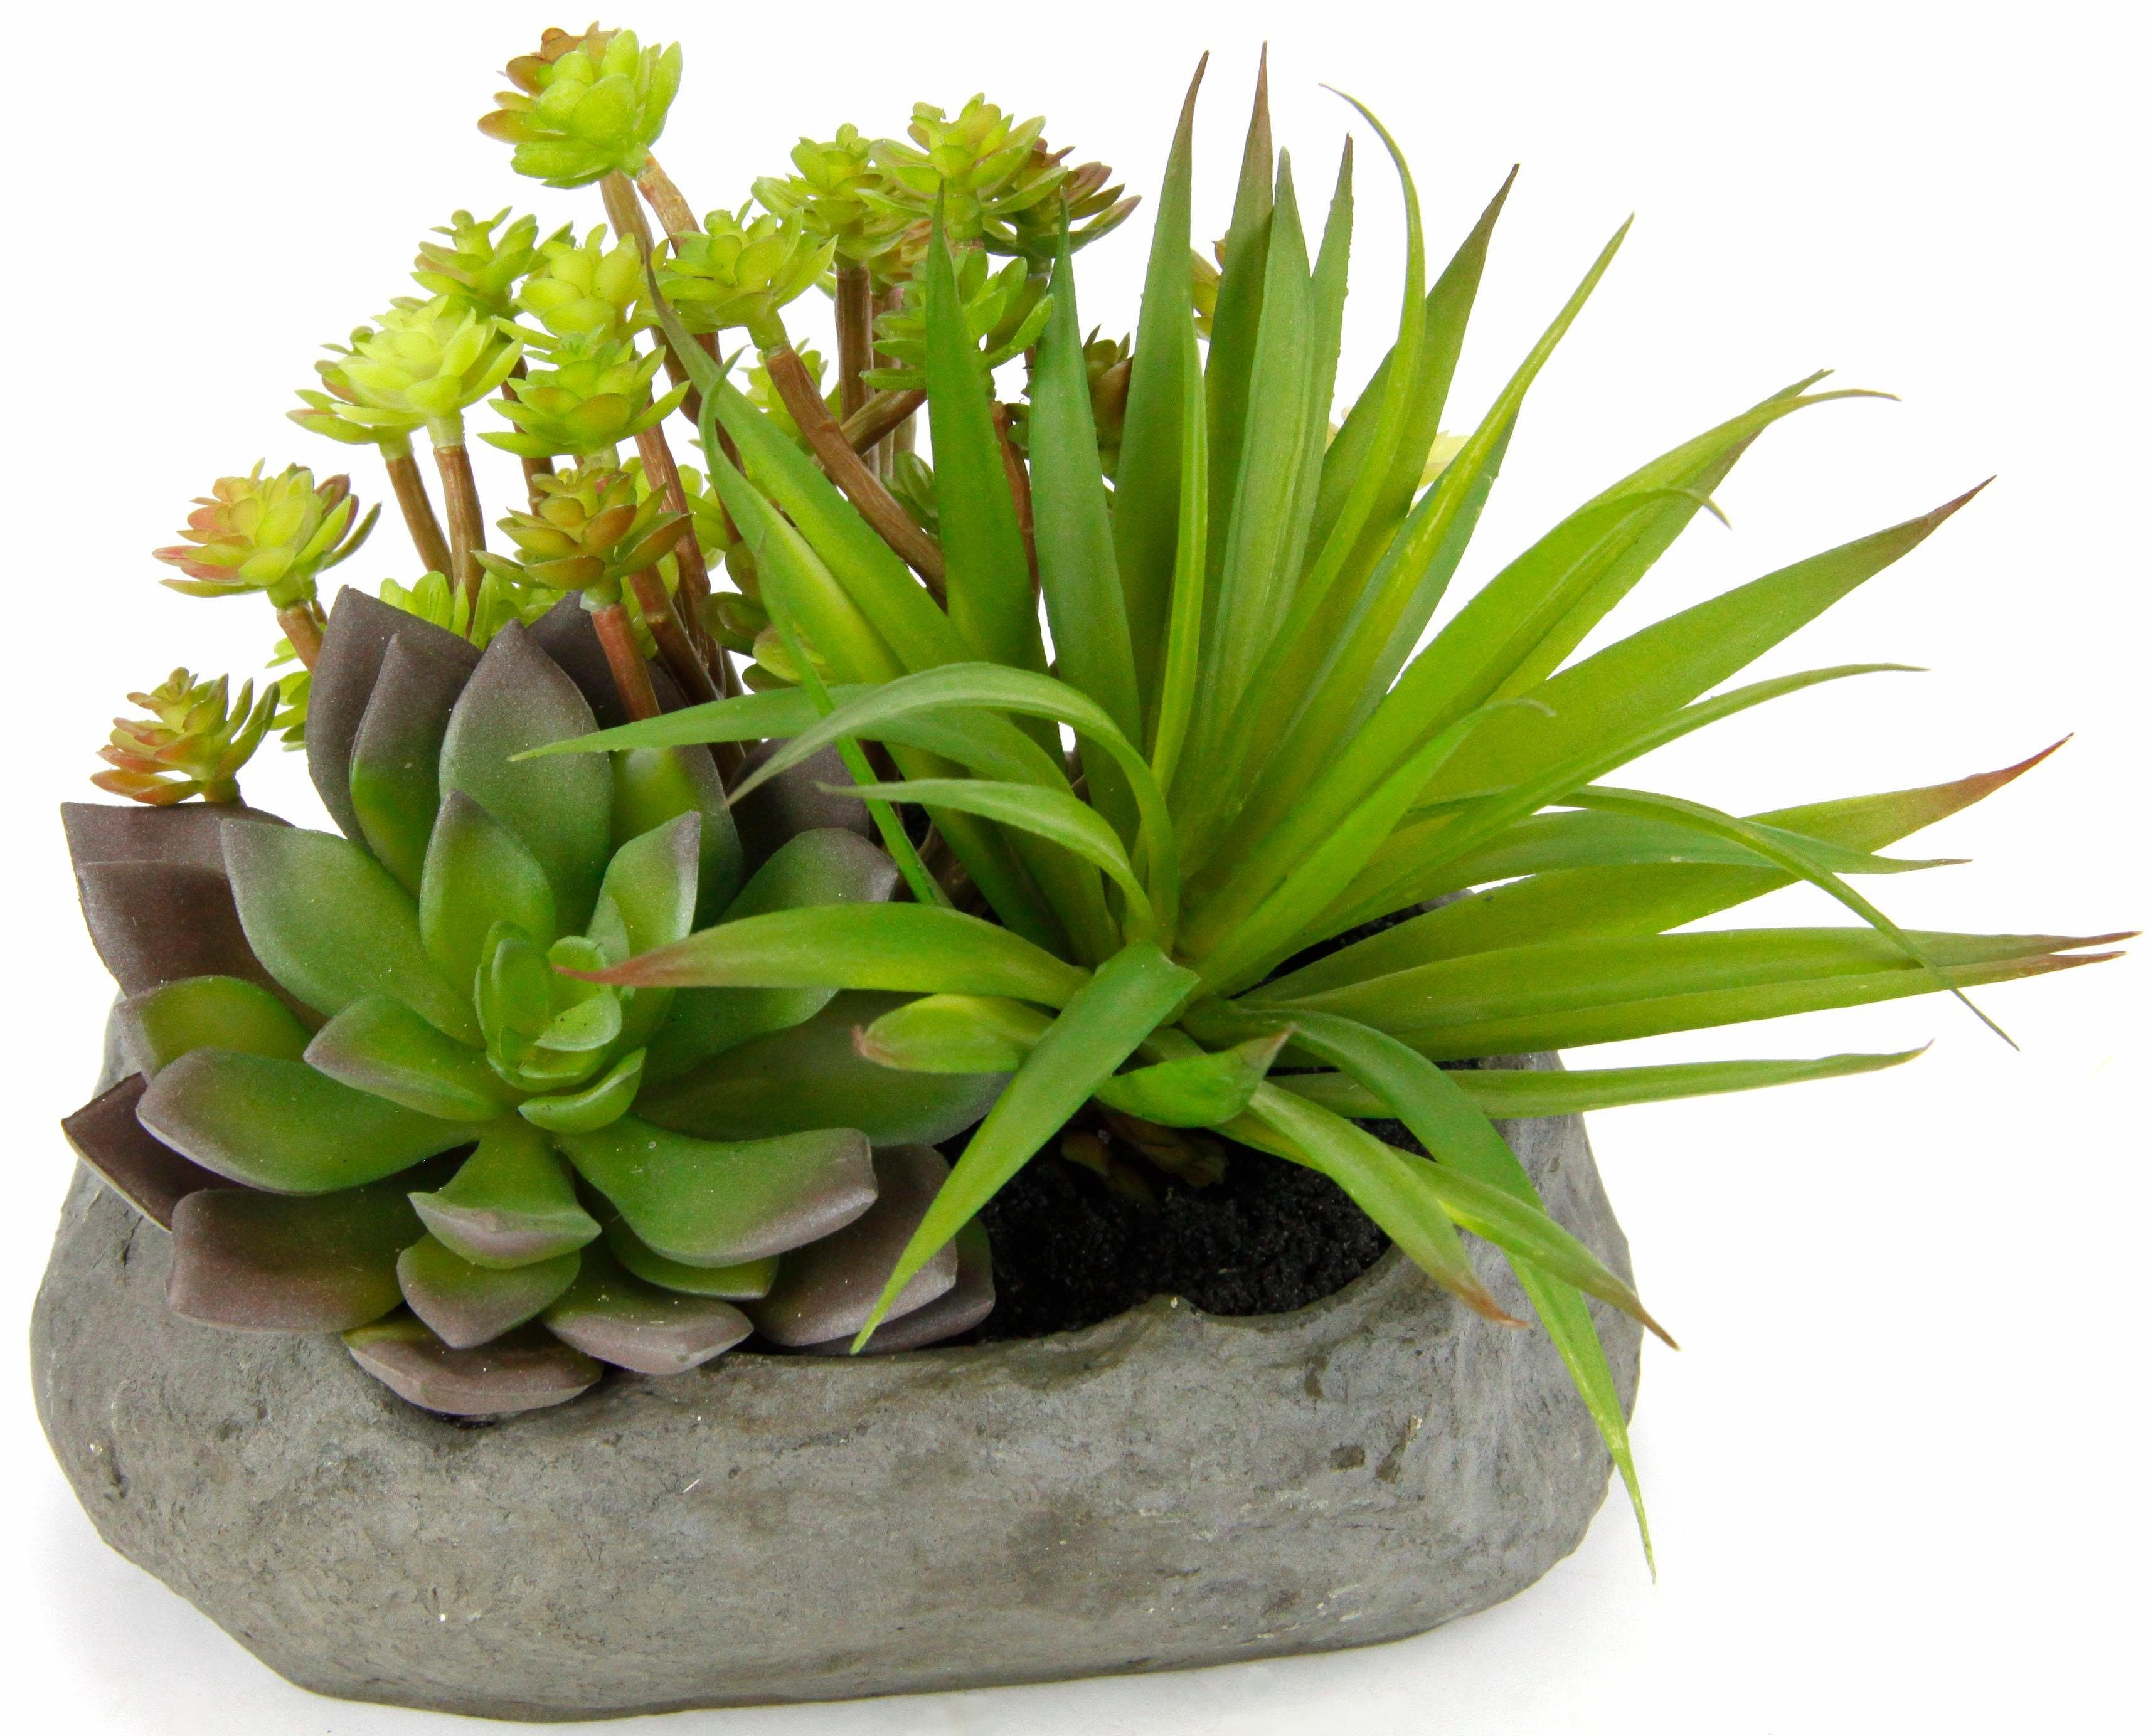 Home affaire Kunstpflanze »Succulente« auf Stein